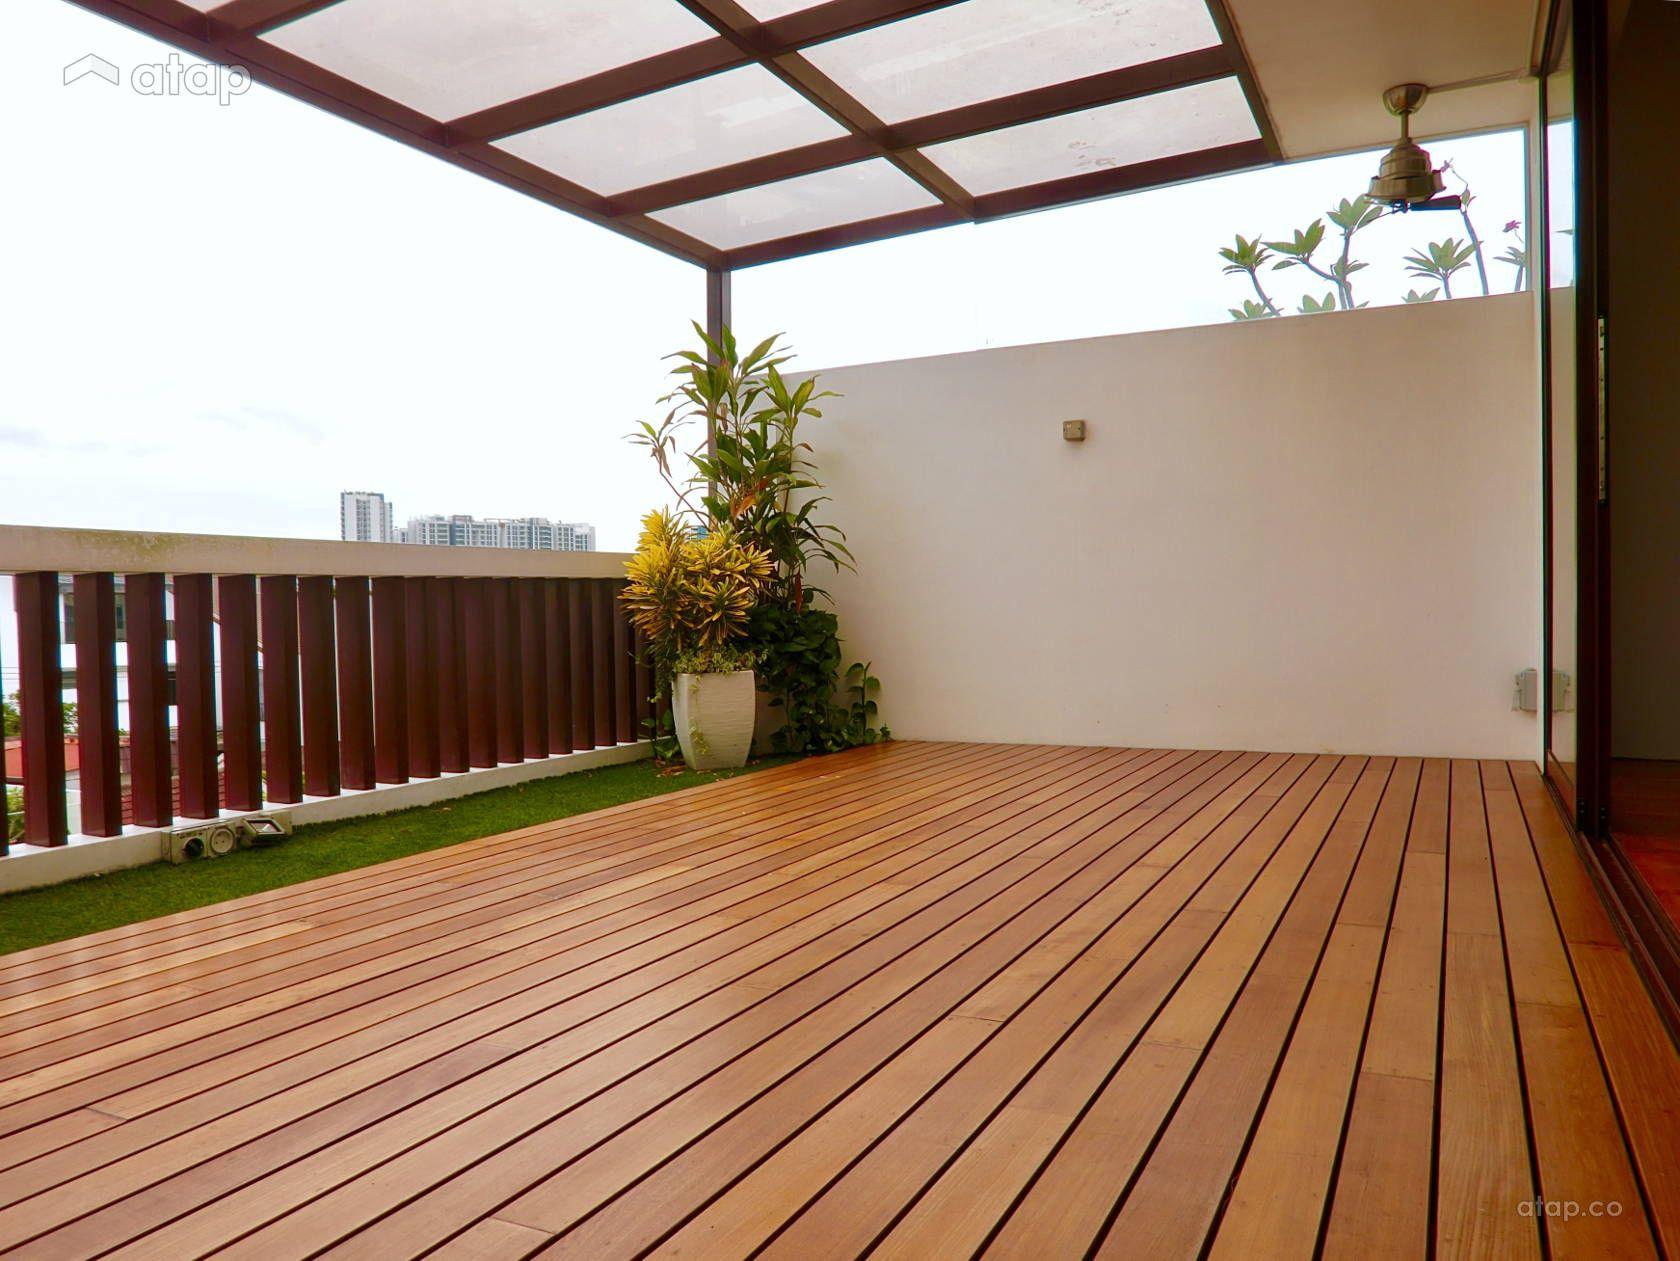 Contemporary Balcony Garden terrace design ideas & photos Malaysia